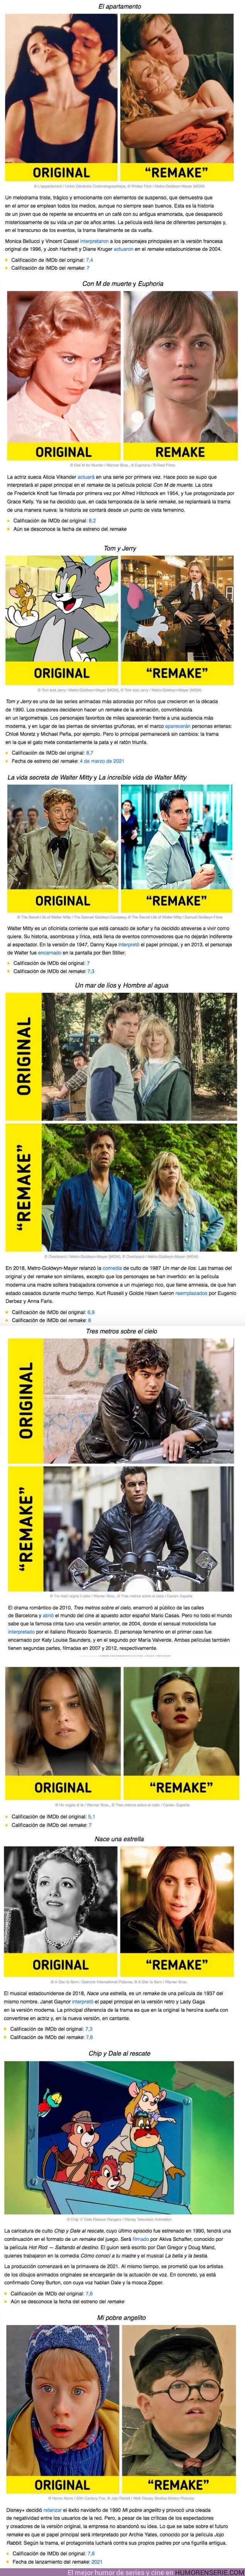 """63578 - GALERÍA: 10 Películas y sus """"remakes"""" que hicieron mucho ruido en la red"""